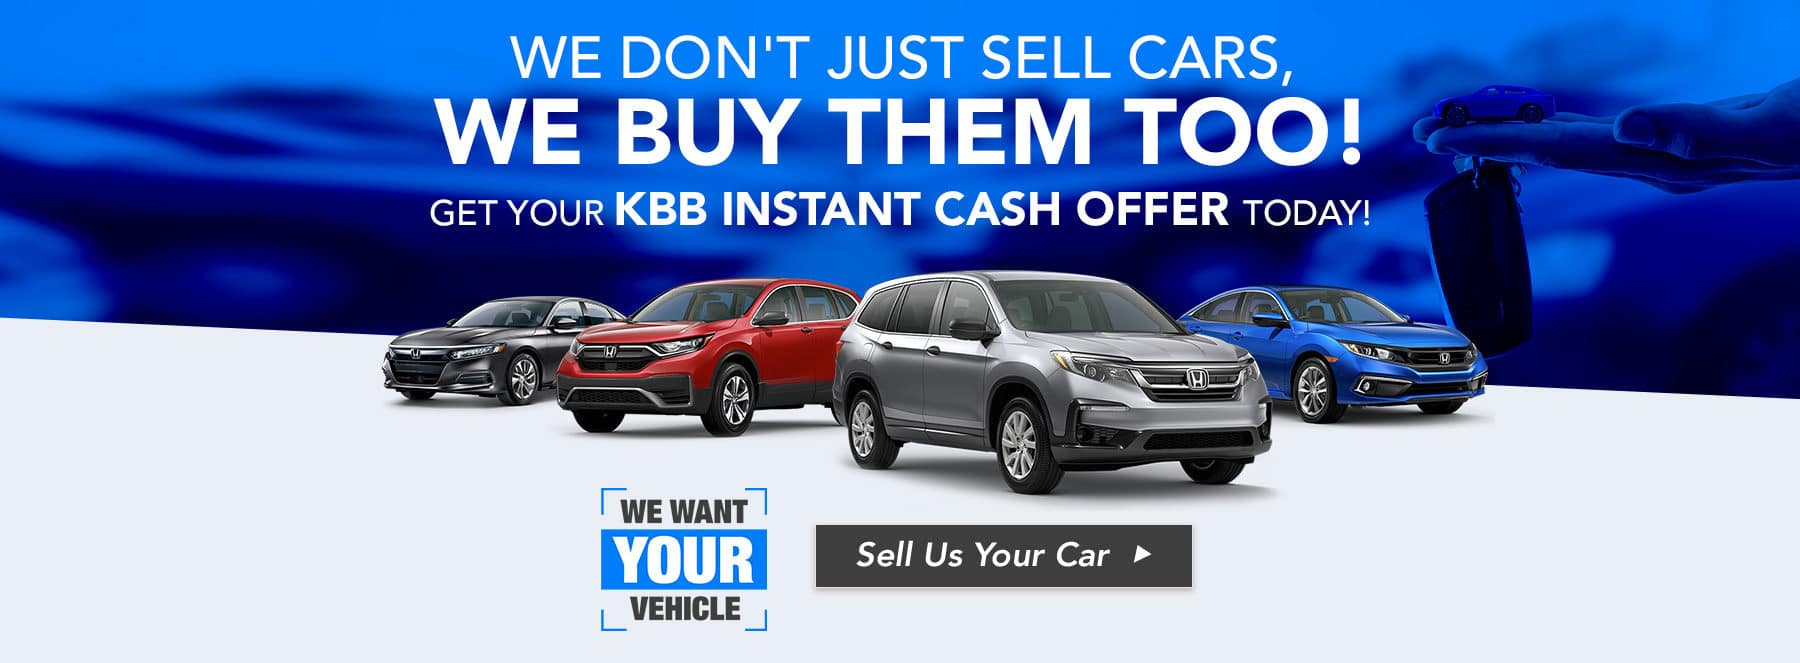 We Buy Cars Honda Only.V2